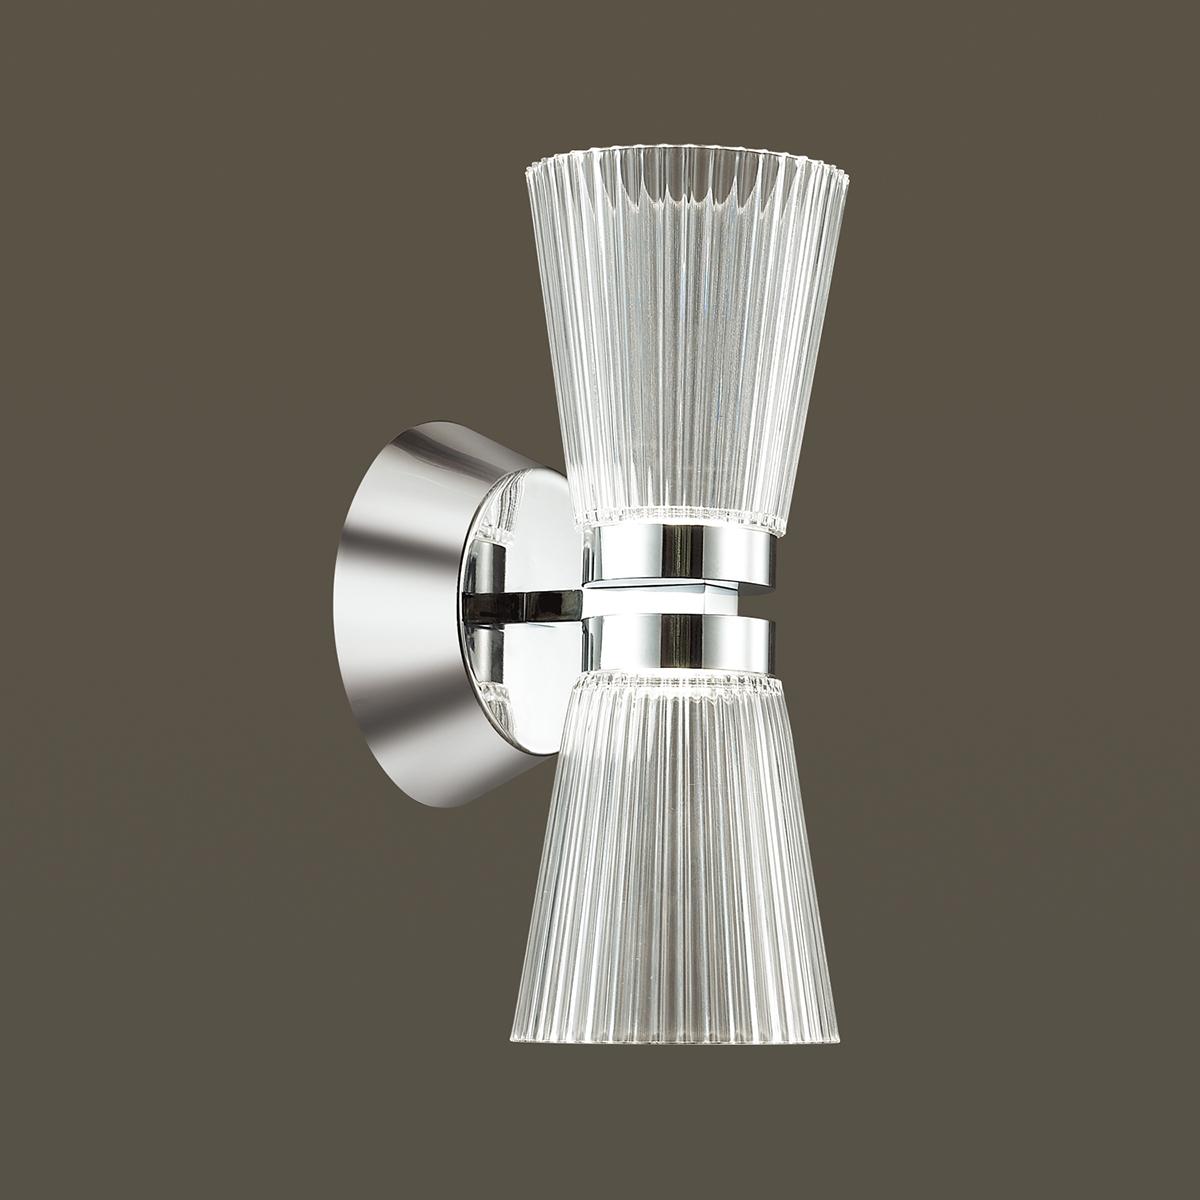 Настенный светодиодный светильник Odeon Light Grana 4013/14WL, LED 14W, 4000K (дневной), хром, прозрачный, металл, пластик - фото 1